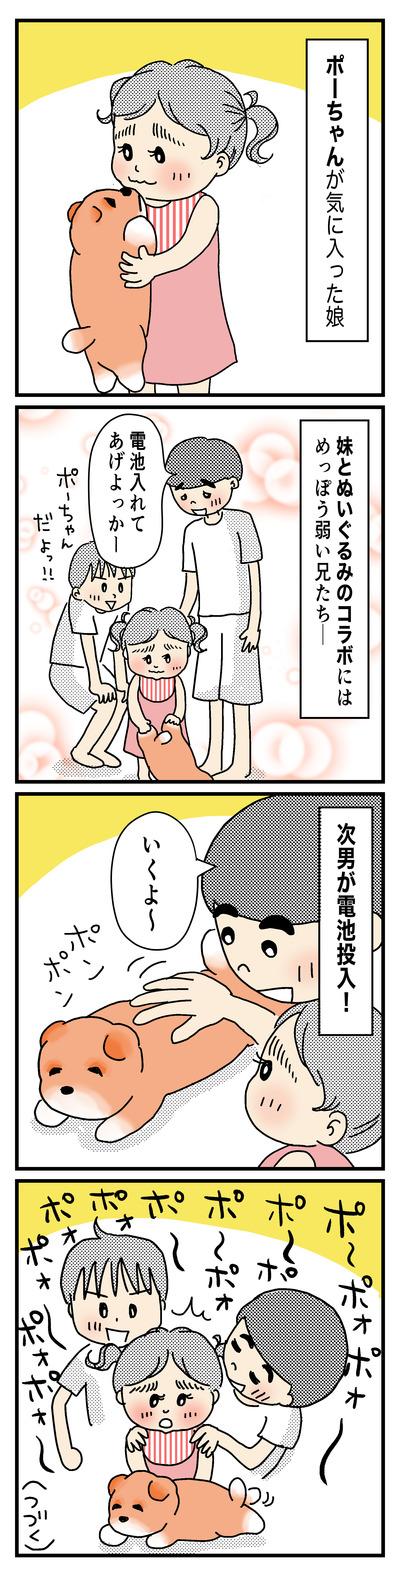 99 ポーちゃんとの出会い2(1才〜1才半)